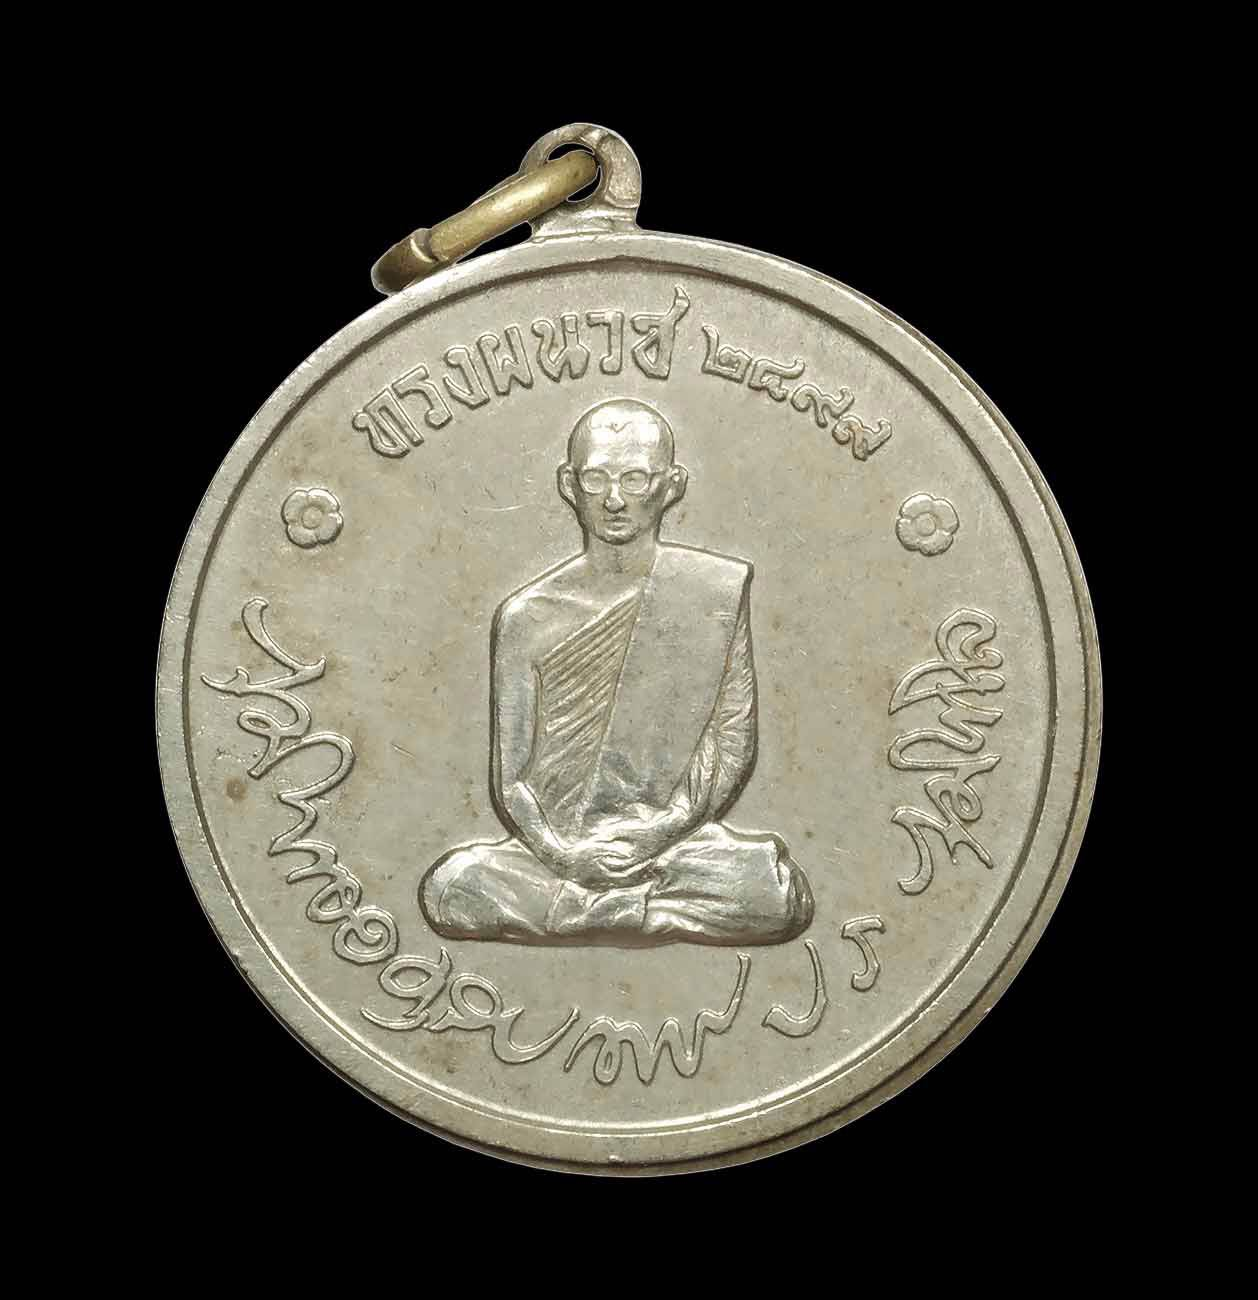 เหรียญทรงผนวช รุ่นแรก พ.ศ. 2508 วัดบวรนิเวศวิหาร  เนื้ออัลปาก้า เจดีย์เต็ม  งามๆ  (เช่าบูชาไปแล้ว)